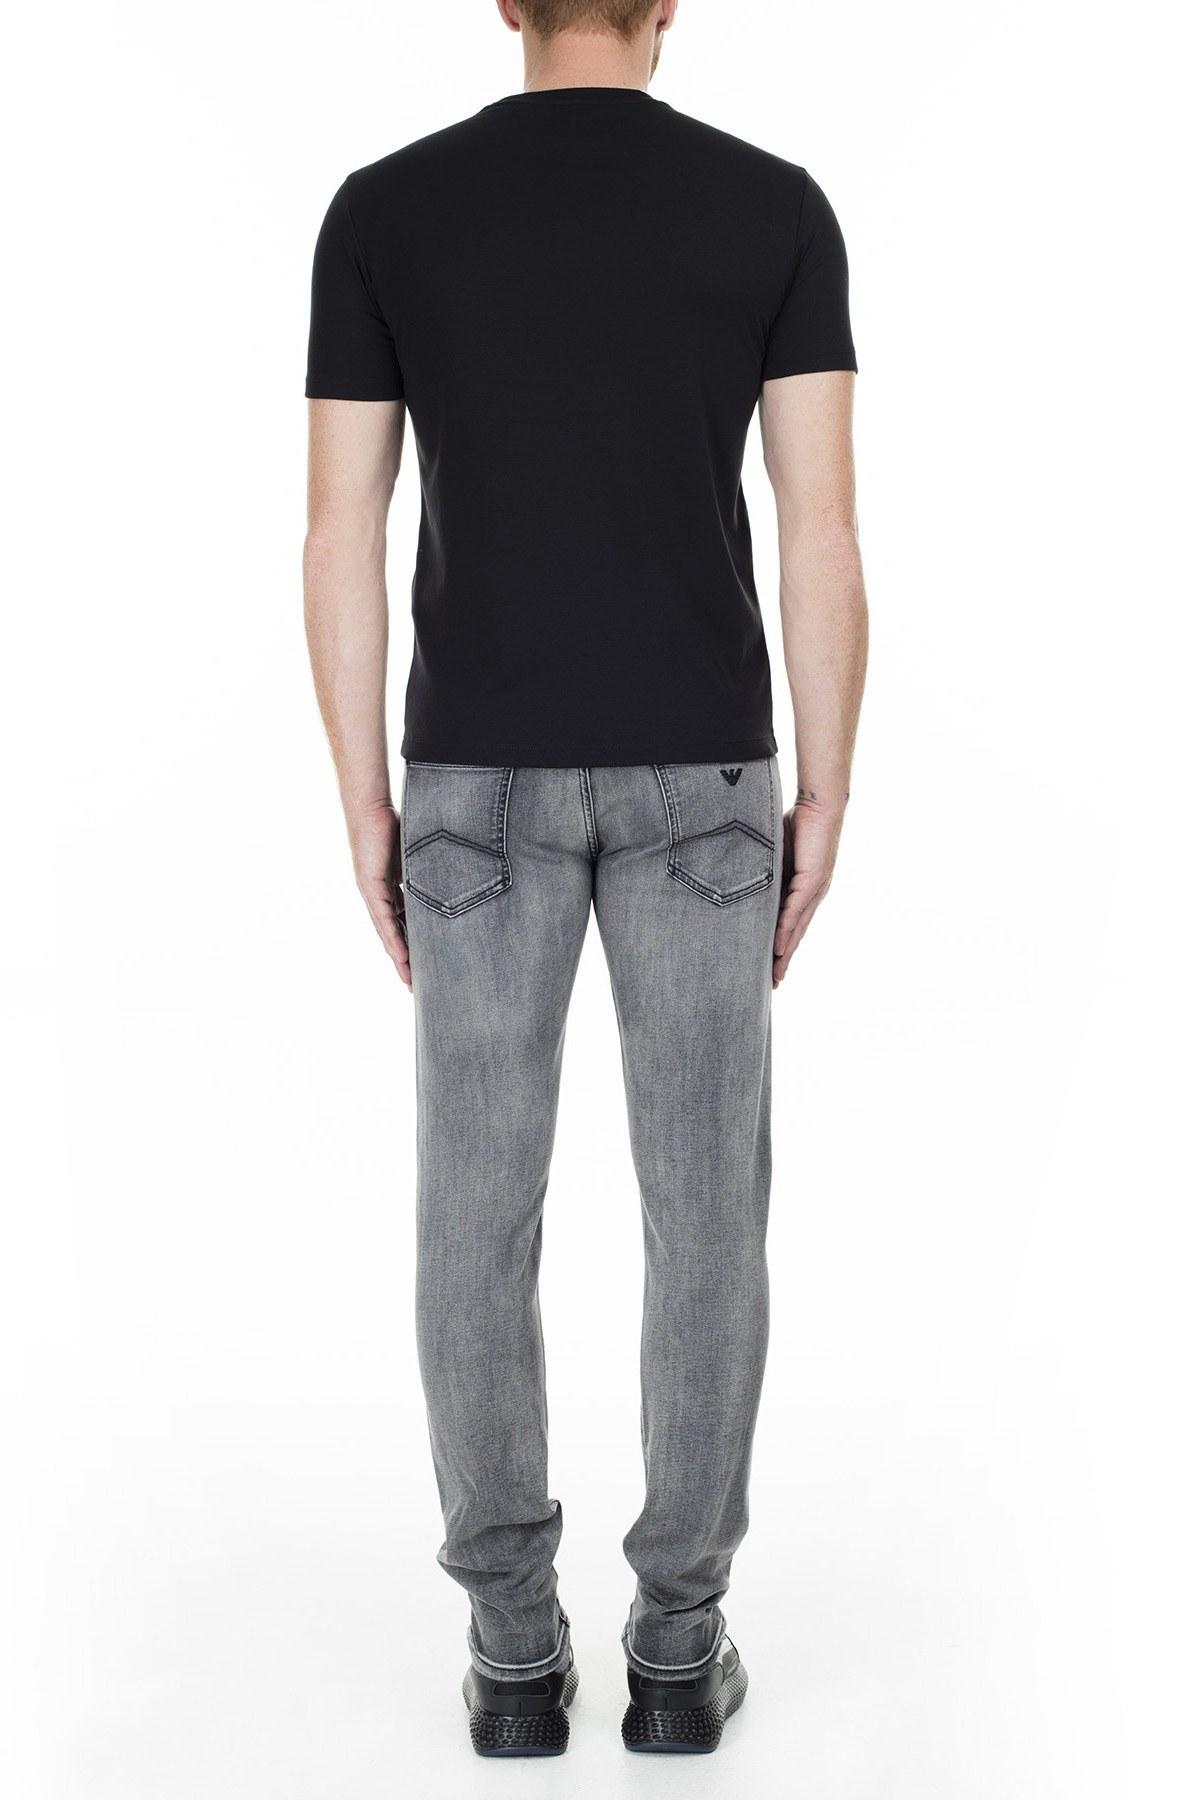 Emporio Armani J10 Jeans Erkek Kot Pantolon 6G1J10 1D6MZ 0644 GRİ